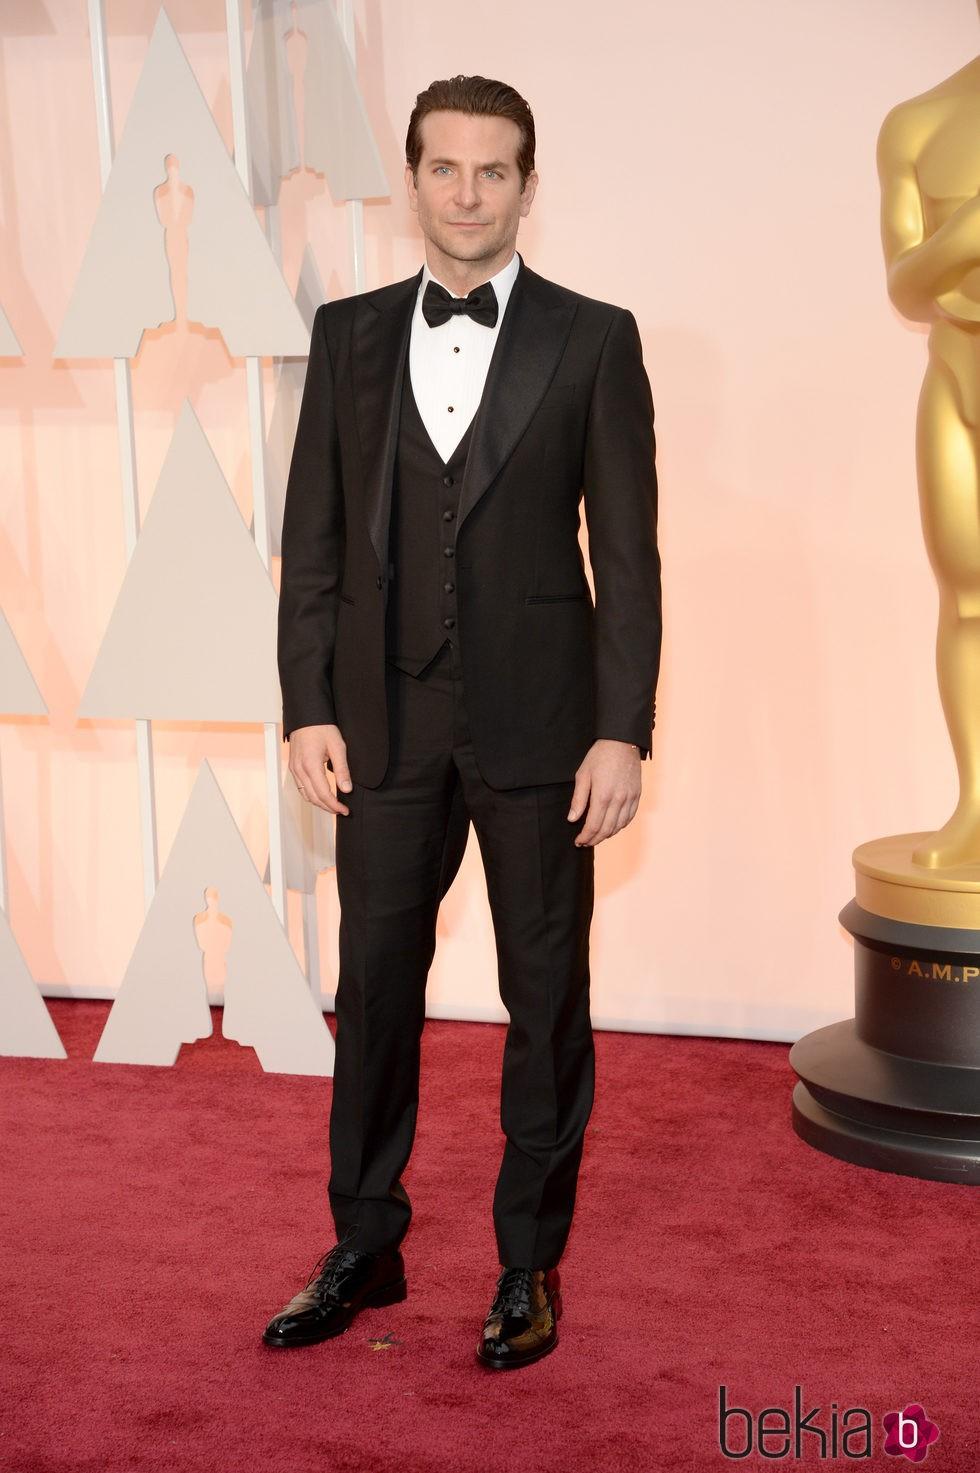 Bradley Cooper llega a la alfombra roja de los premios Oscar 2015